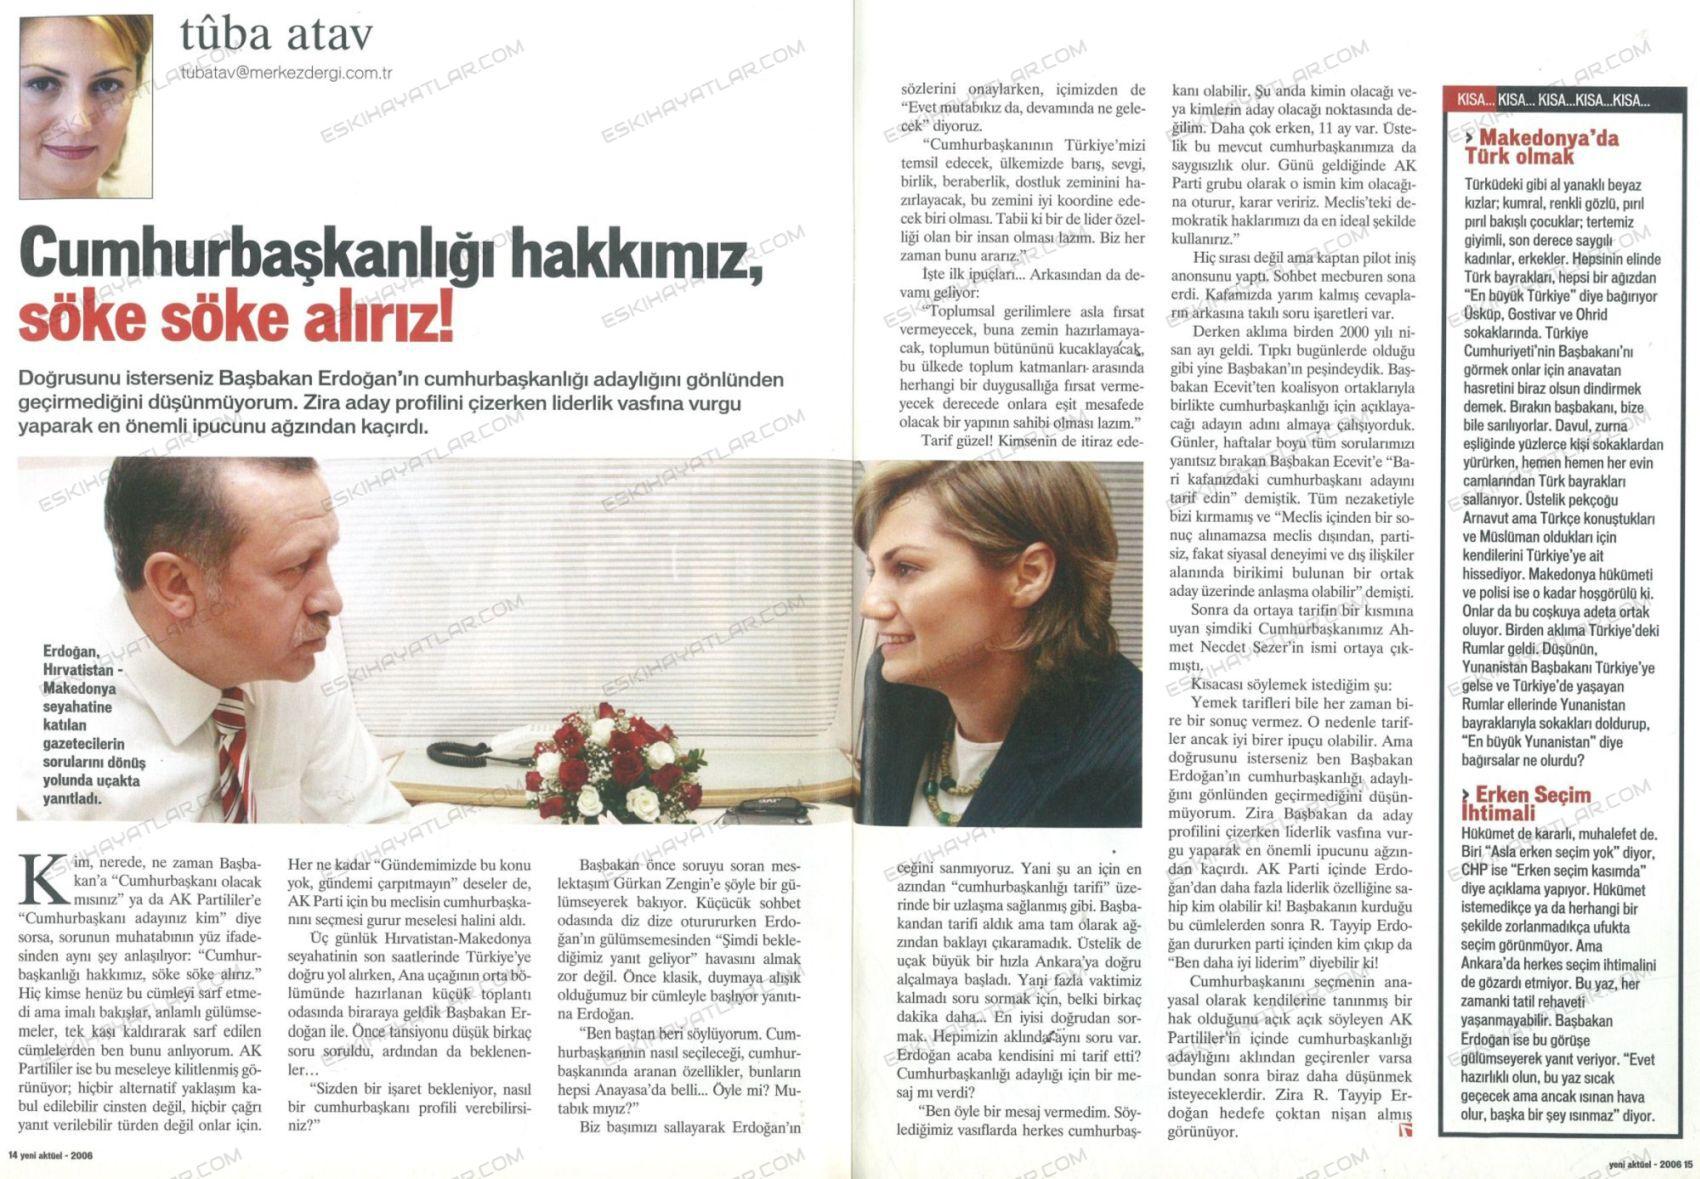 0452-recep-tayyip-erdogan-2006-yili-haberleri-yeni-aktuel-tuba-atav